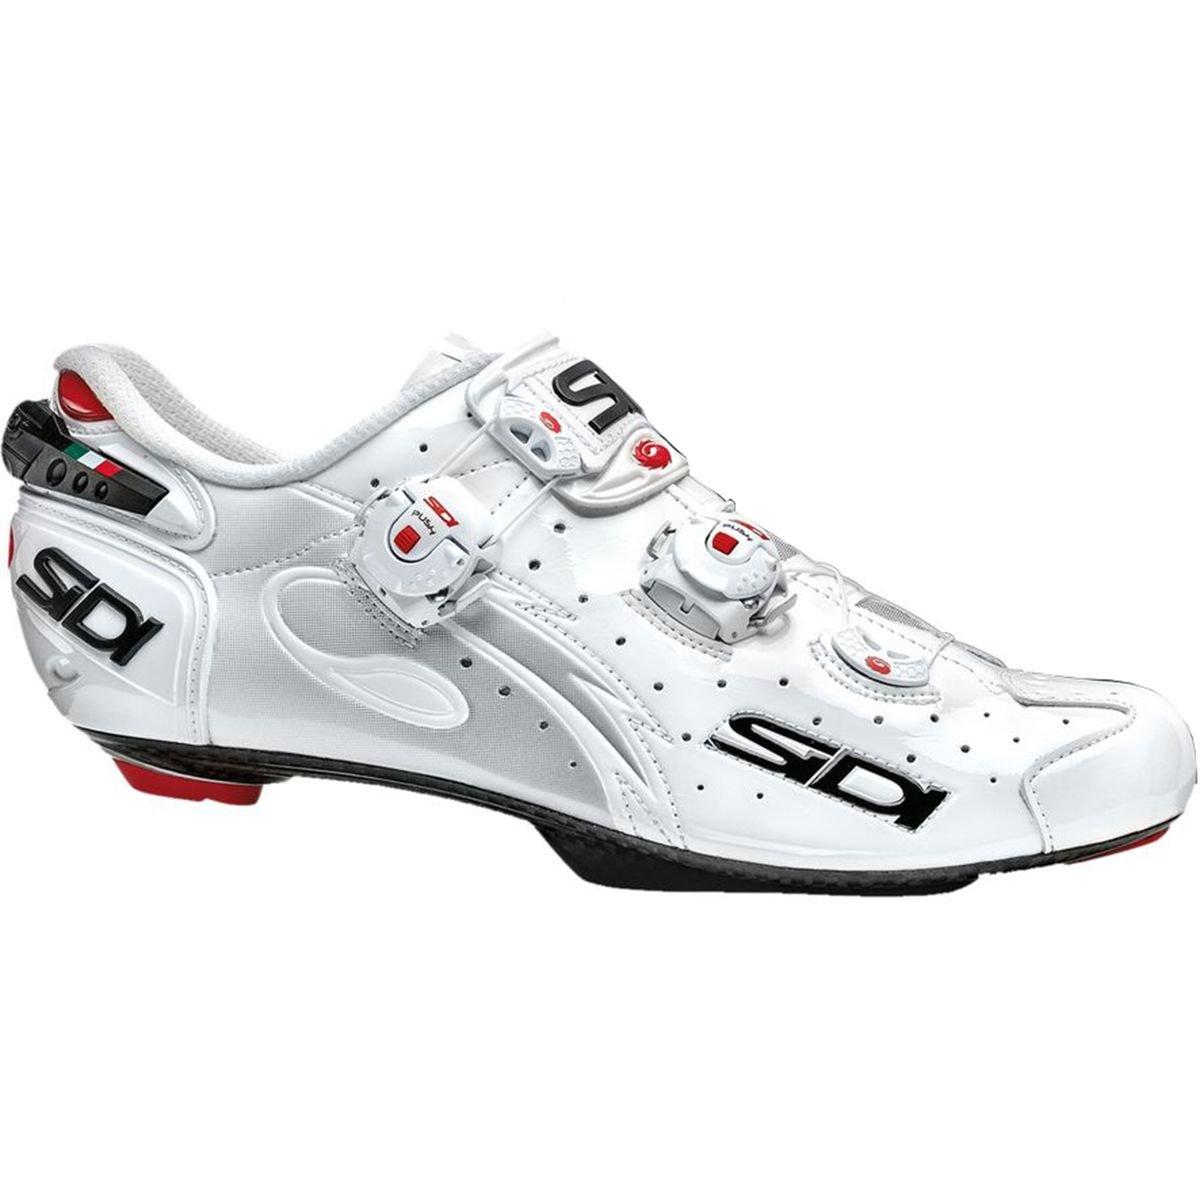 肌触りがいい (シディ) Sidi Wire (44) Push 日本サイズ Speedplay Cycling Shoe Shoe メンズ ロードバイクシューズWhite [並行輸入品] 日本サイズ 28.5cm (44) White B07G76RNZC, 織部の器/千瓢:120640d8 --- by.specpricep.ru